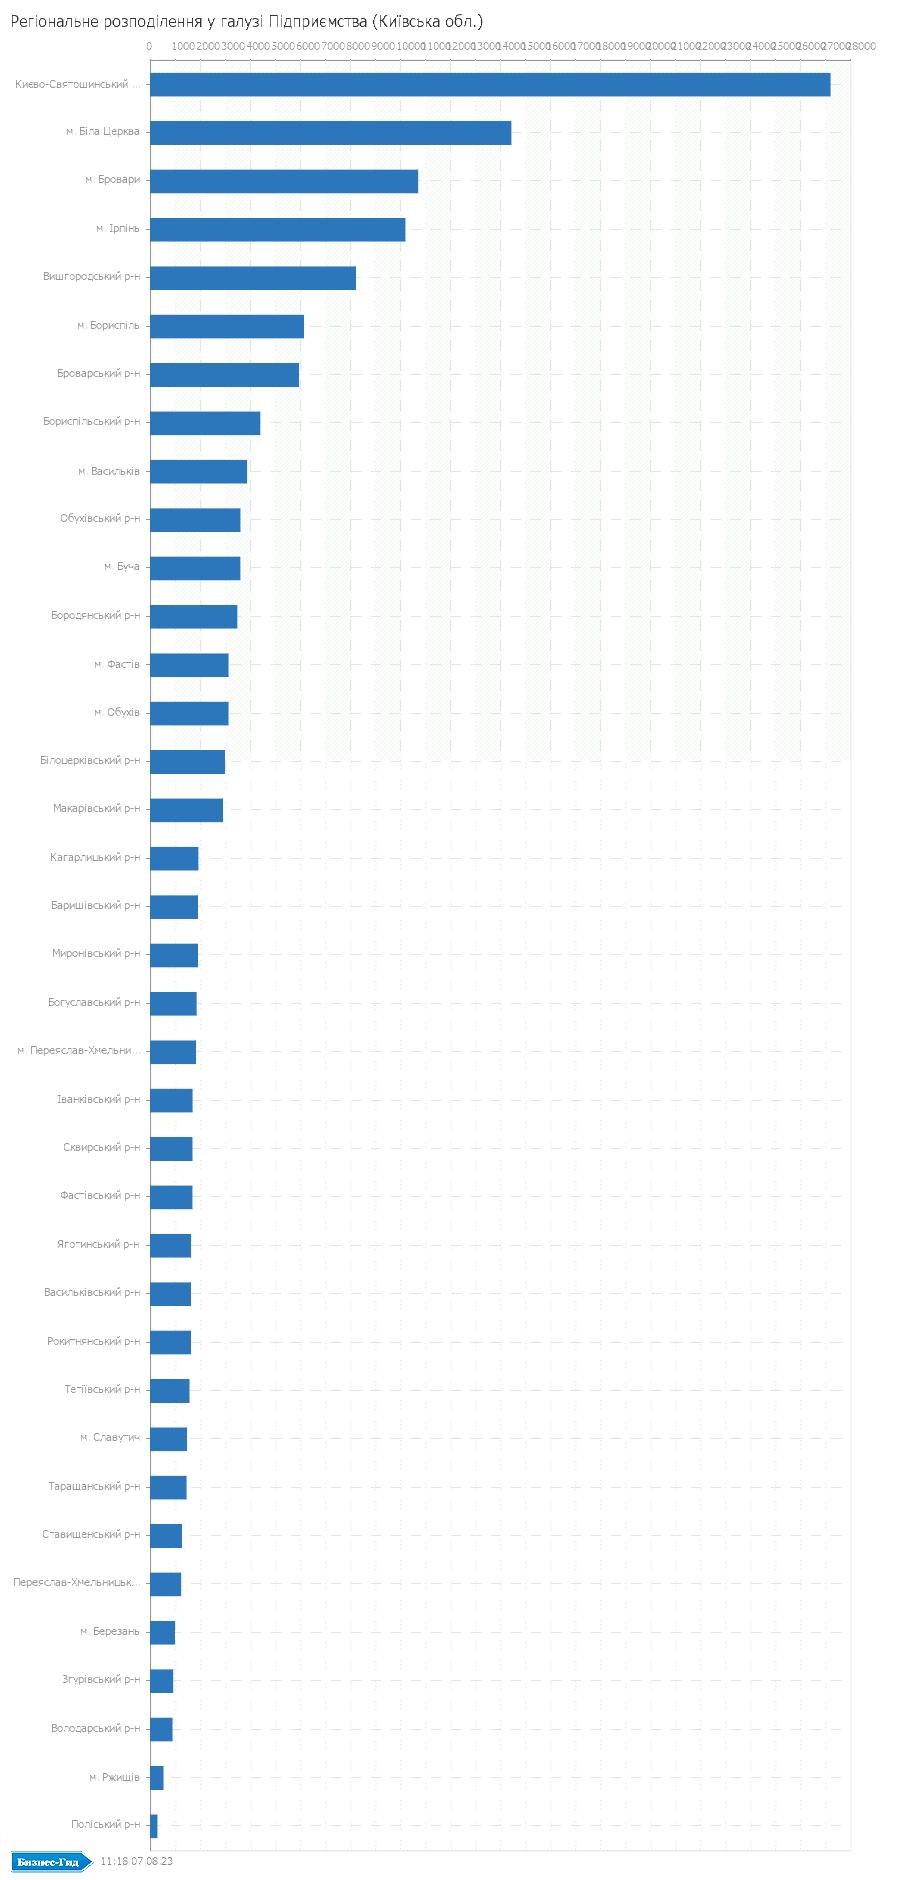 Регіональне розподілення у галузі: Підприємства (Київська обл.)